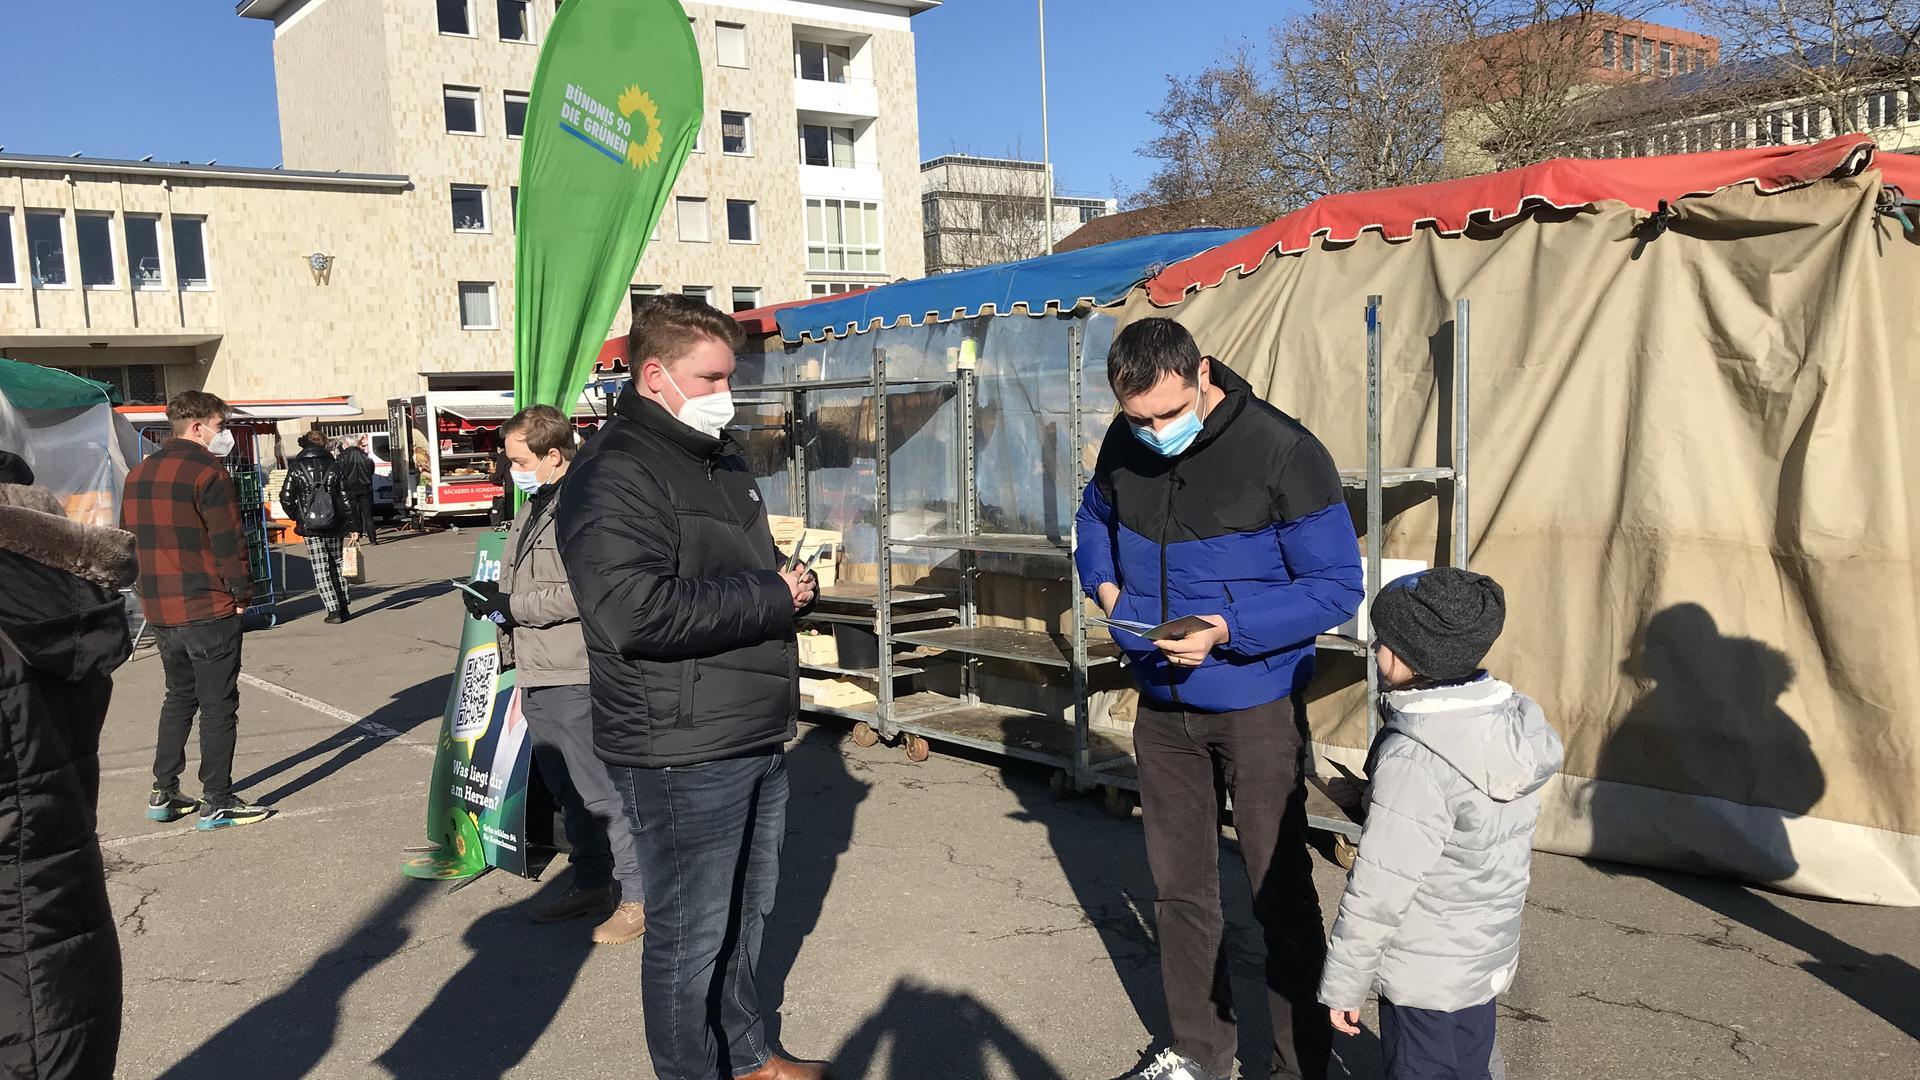 Landtagskandidat Felix Herkens von Bündnis 90/Die Grünen hat Stefan Slamnoiu ein Programm gegeben.